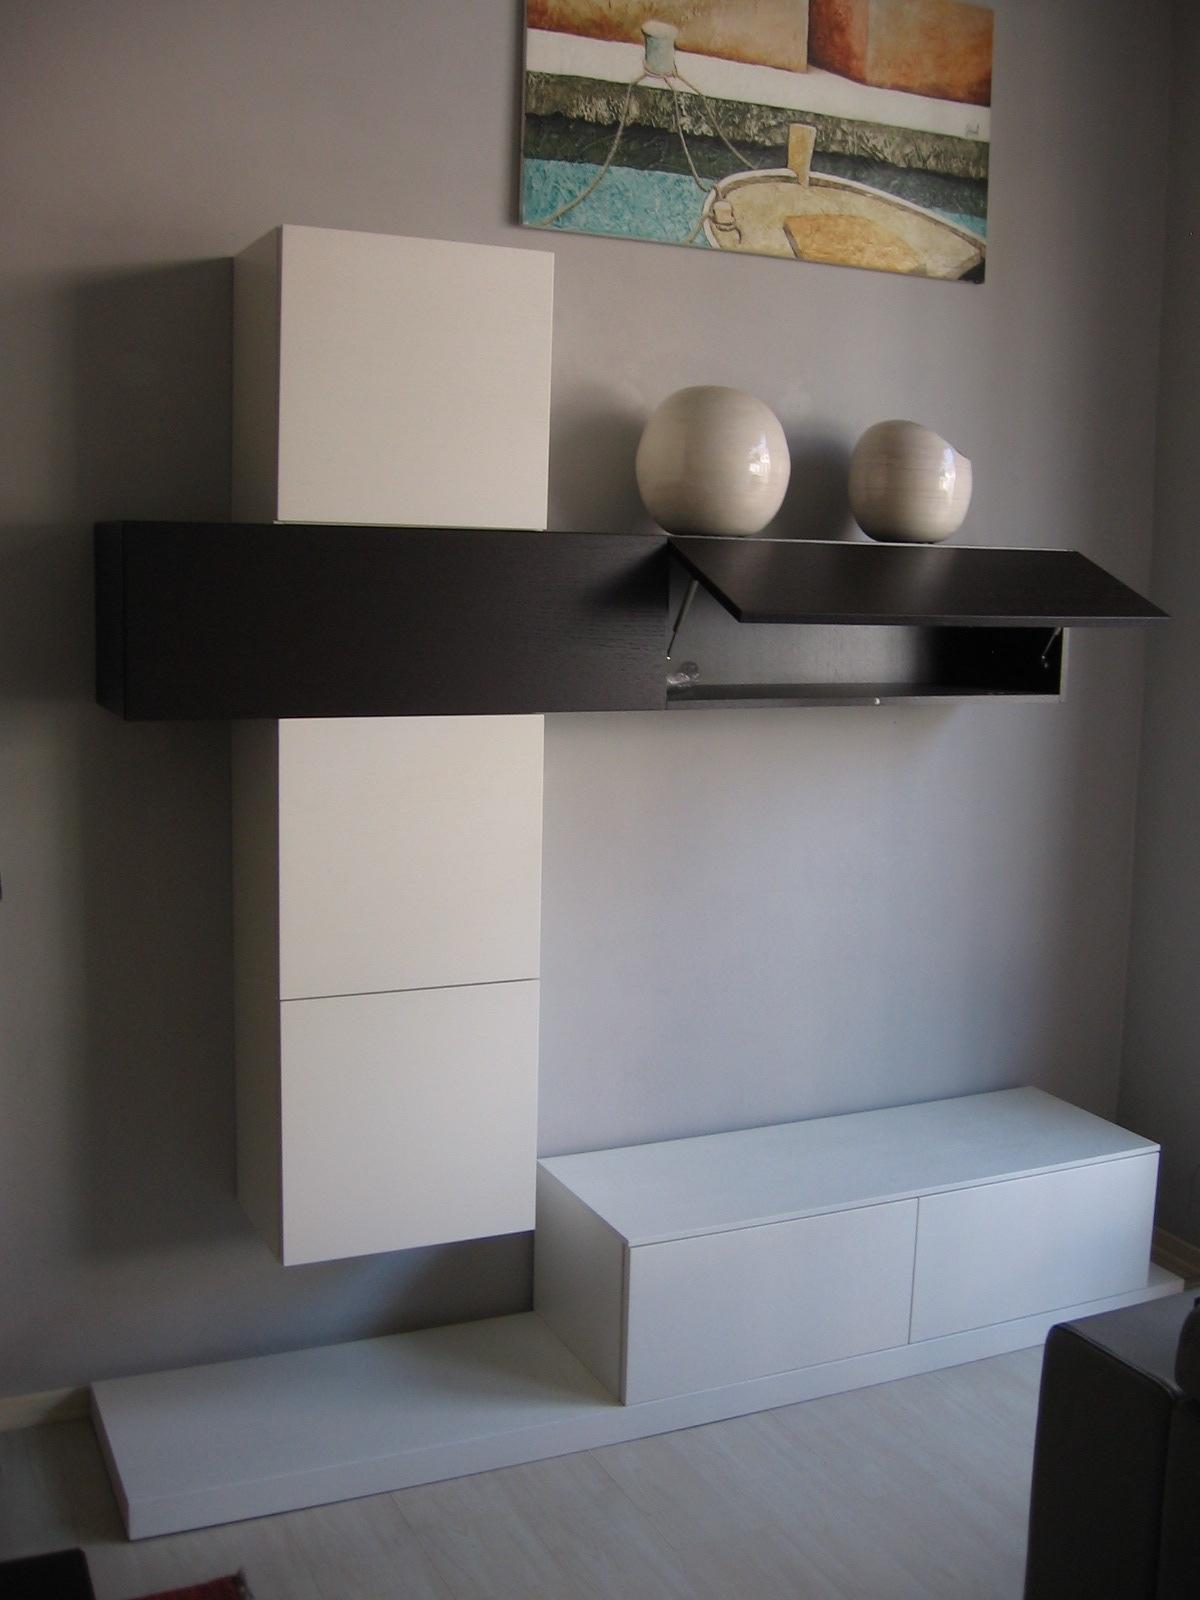 Mobile soggiorno moderno alf scontato del 50 soggiorni - Mobile soggiorno moderno offerte ...